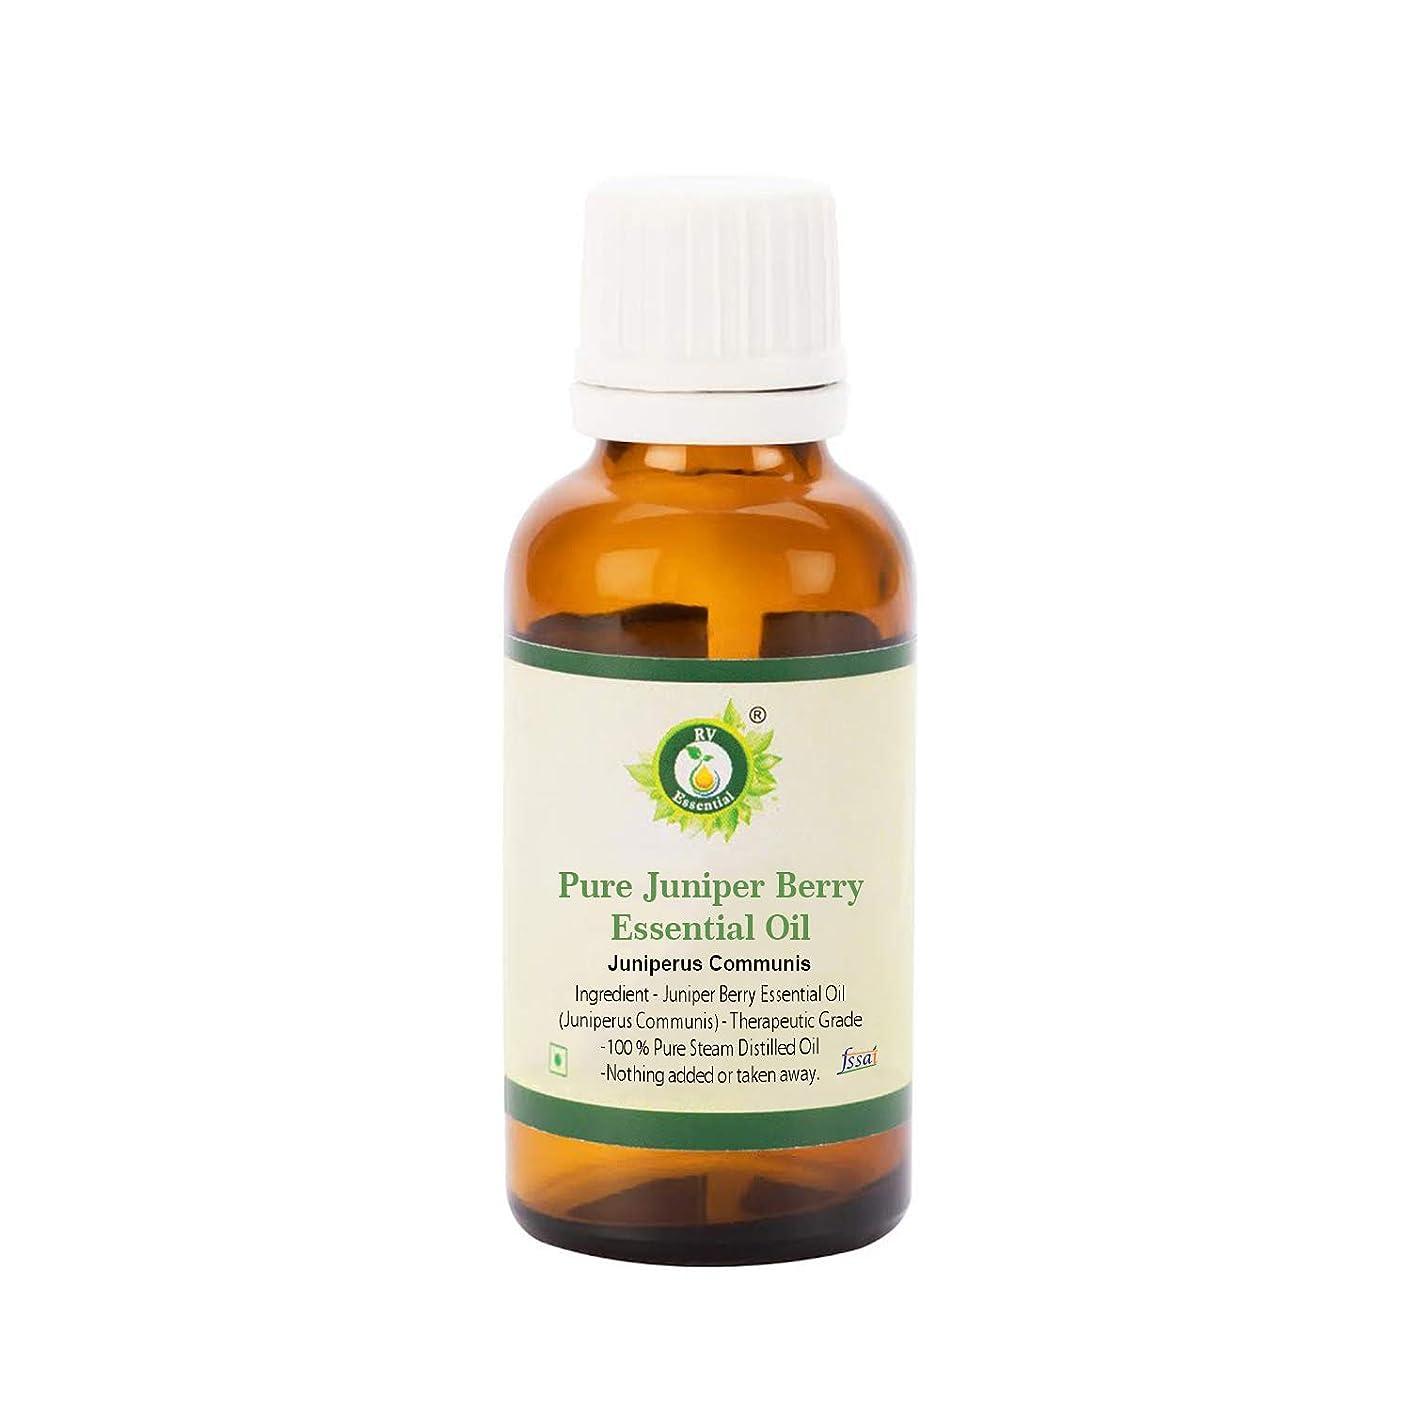 亜熱帯異常な力R V Essential ピュアジュニパーベリーエッセンシャルオイル100ml (3.38oz)- Juniperus Communis (100%純粋&天然スチームDistilled) Pure Juniper Berry Essential Oil